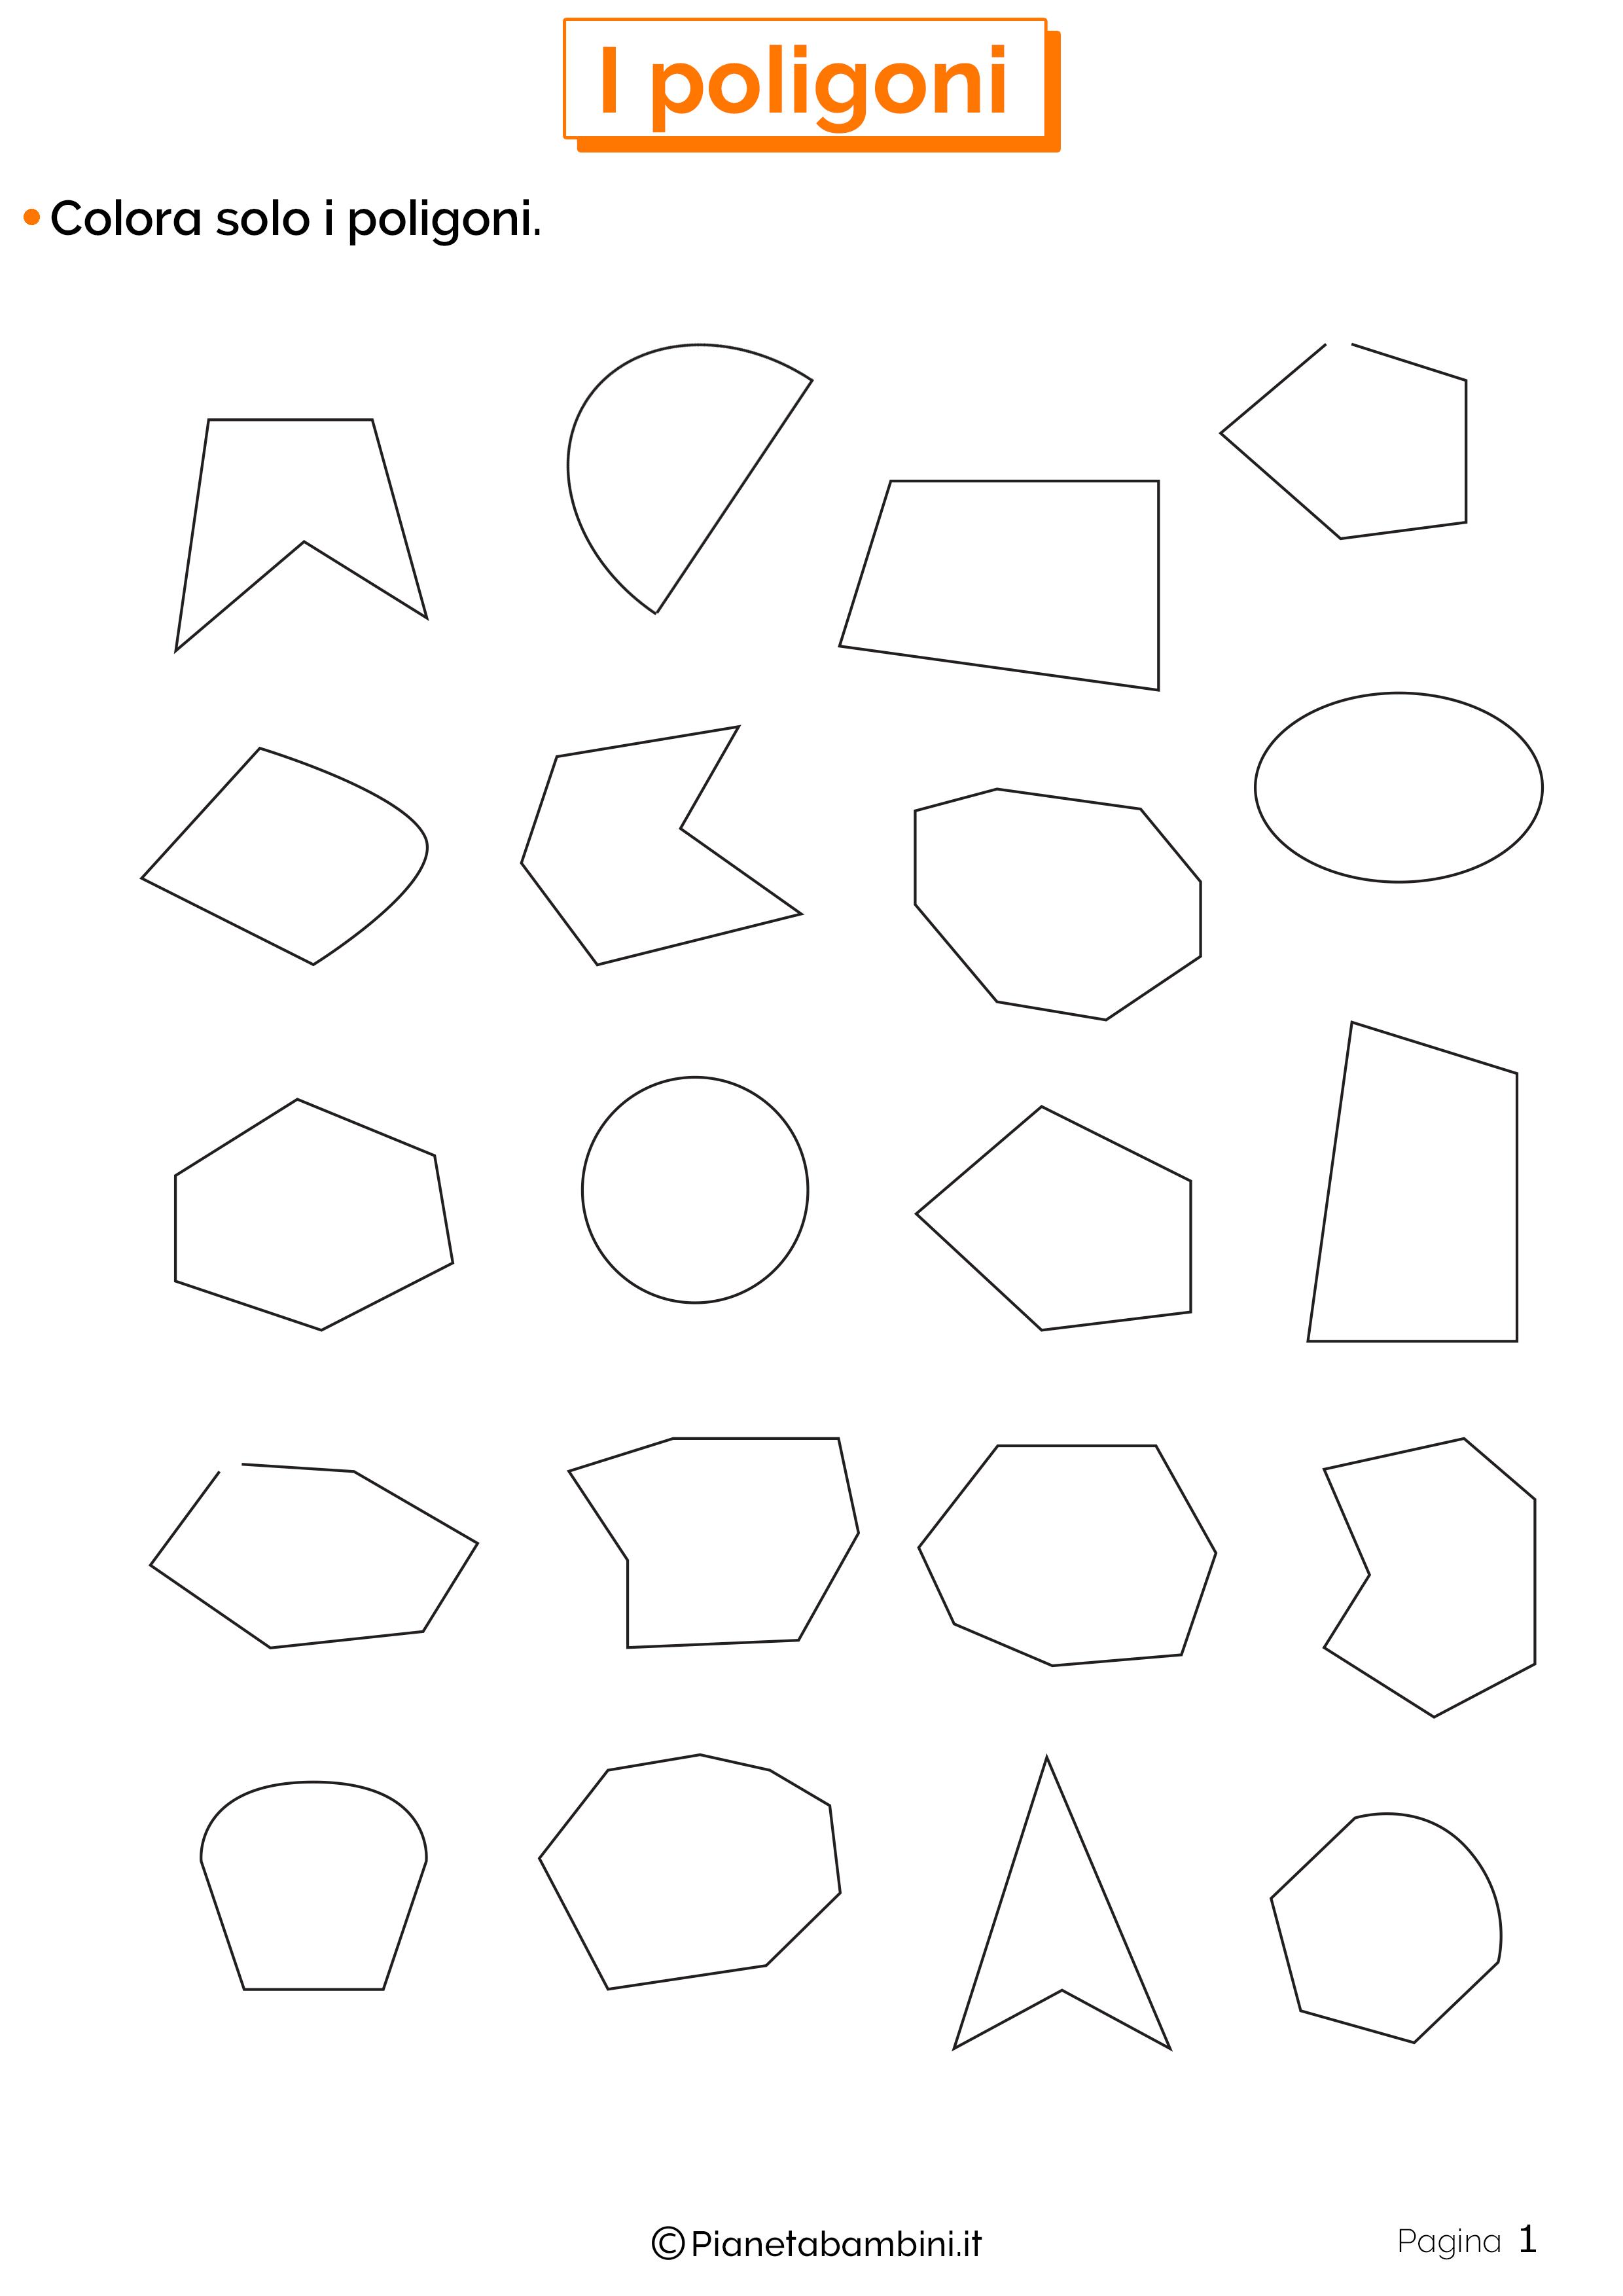 Esercizi sui poligoni da stampare 1